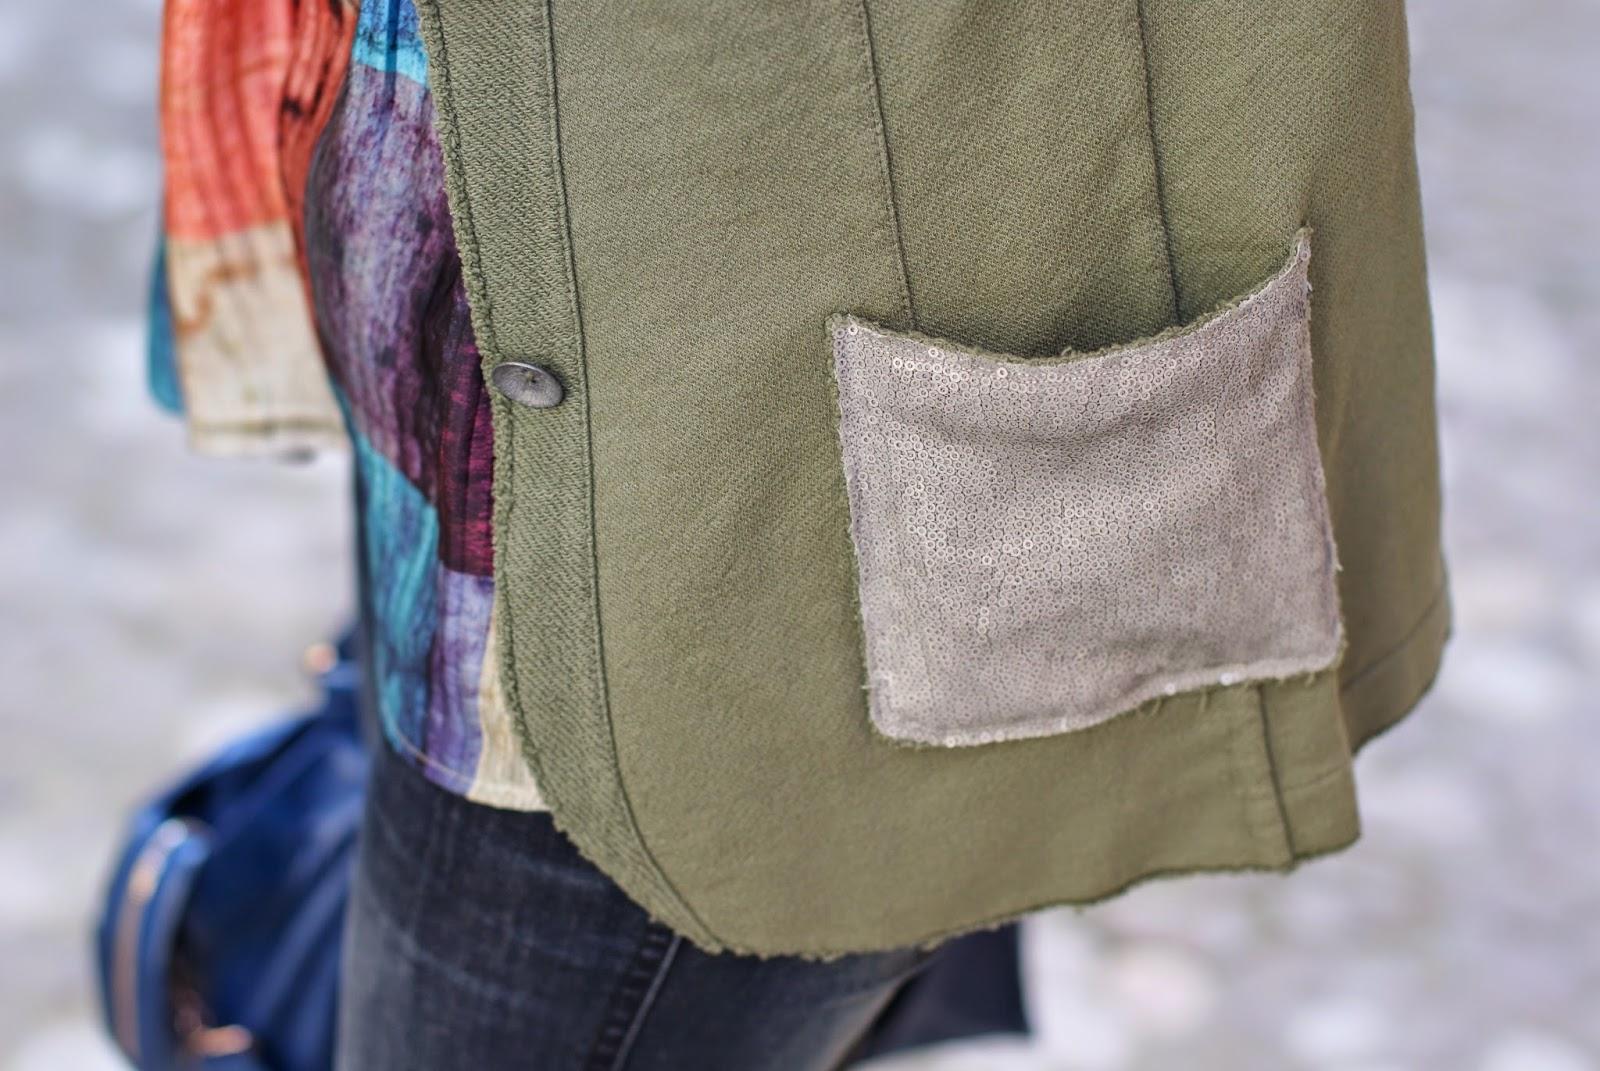 Praio, Praio sleeveless jacket, Fashion and Cookies, fashion blogger